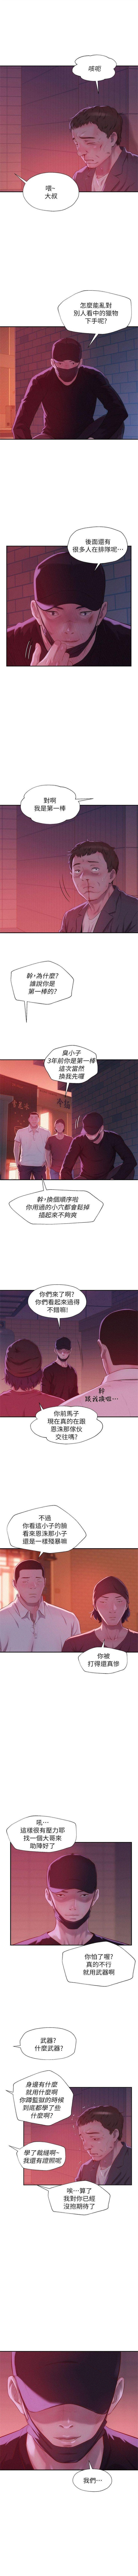 新生淫乱日记 1-61完结(中文) 207